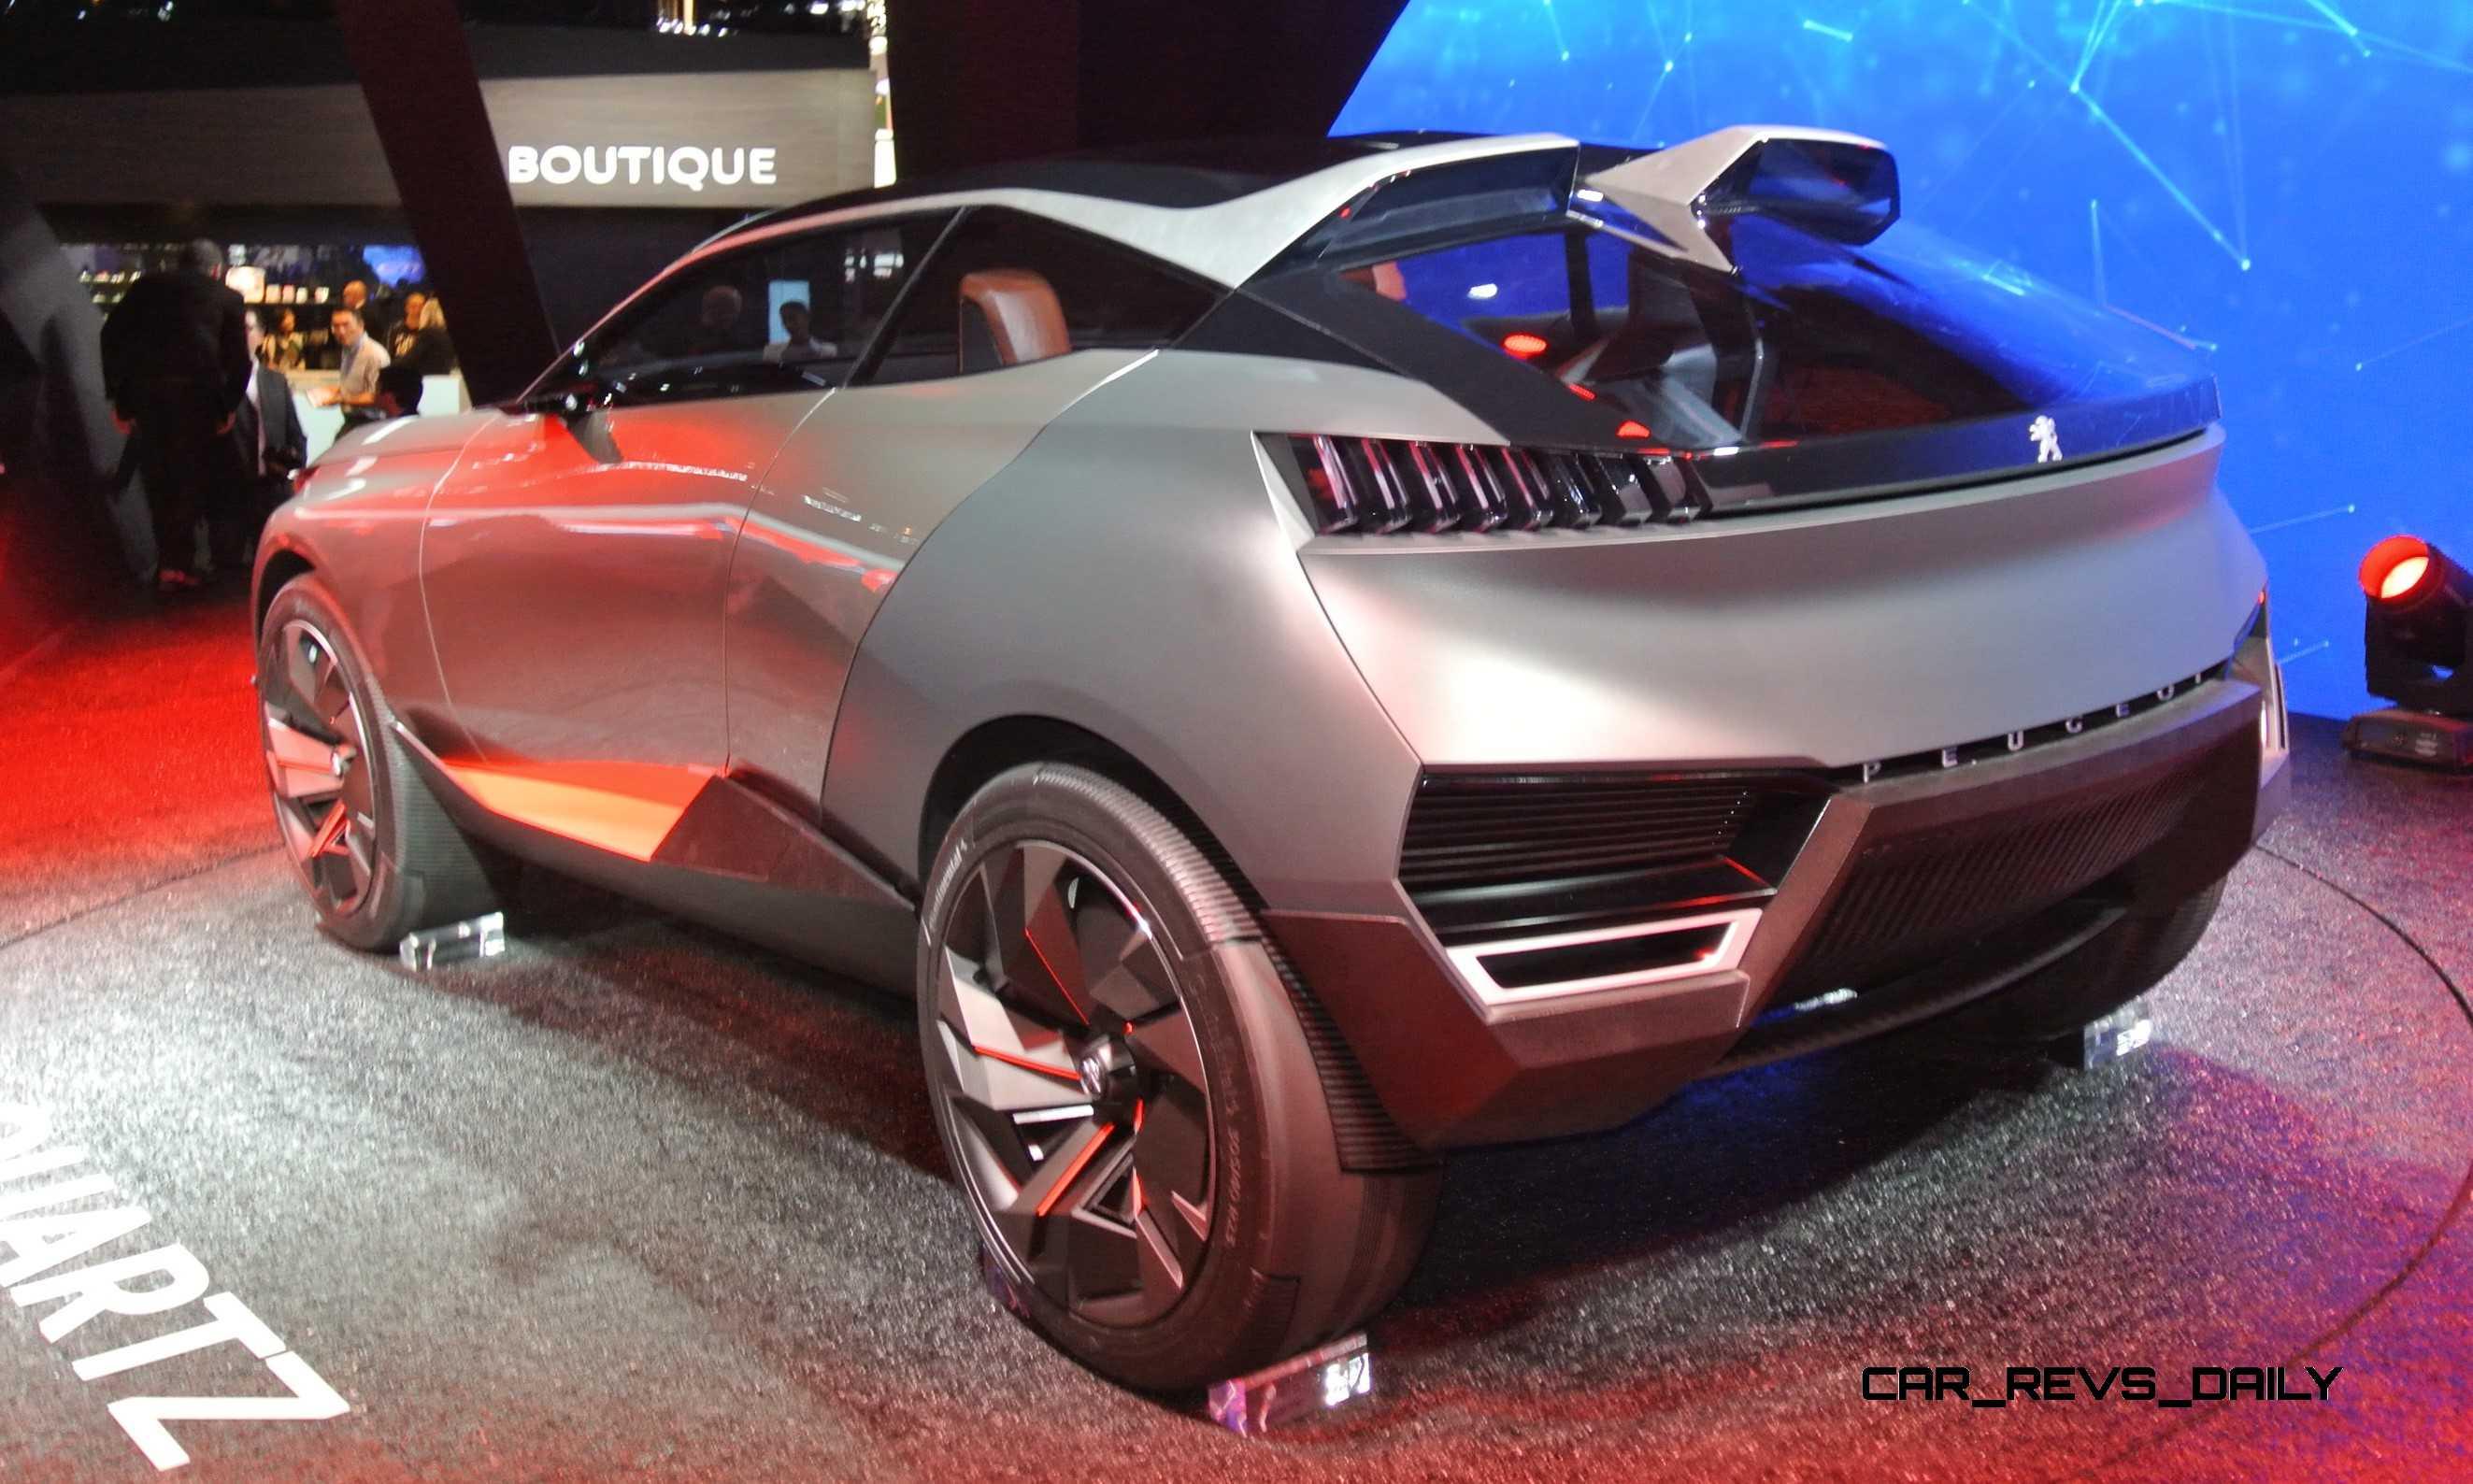 2014 Peugeot Quartz and DKR Prototype Top Paris Concept ...